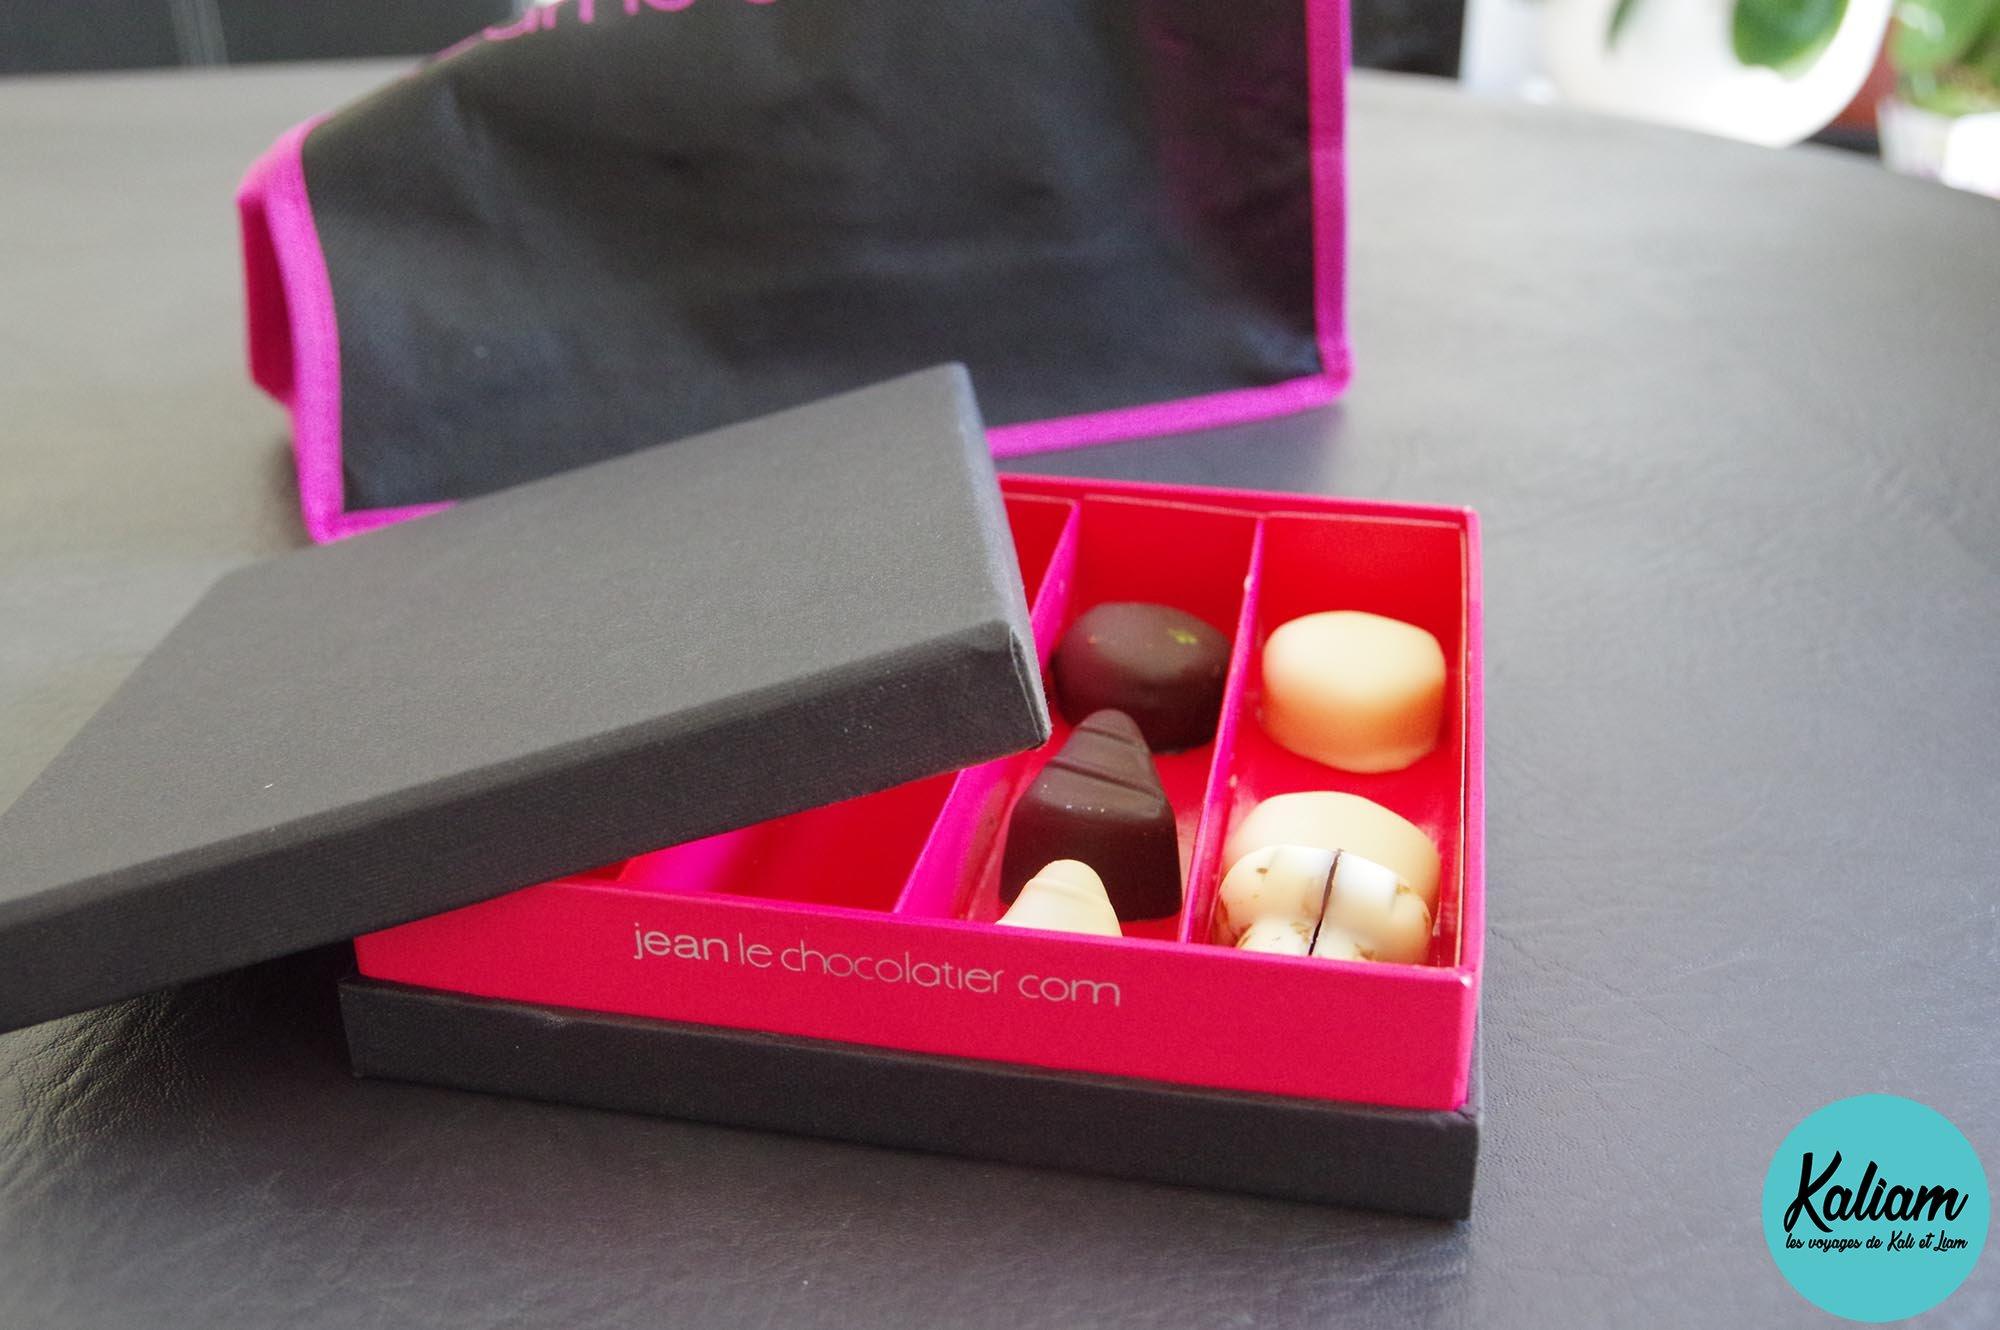 Jean le chocolatier de Habay